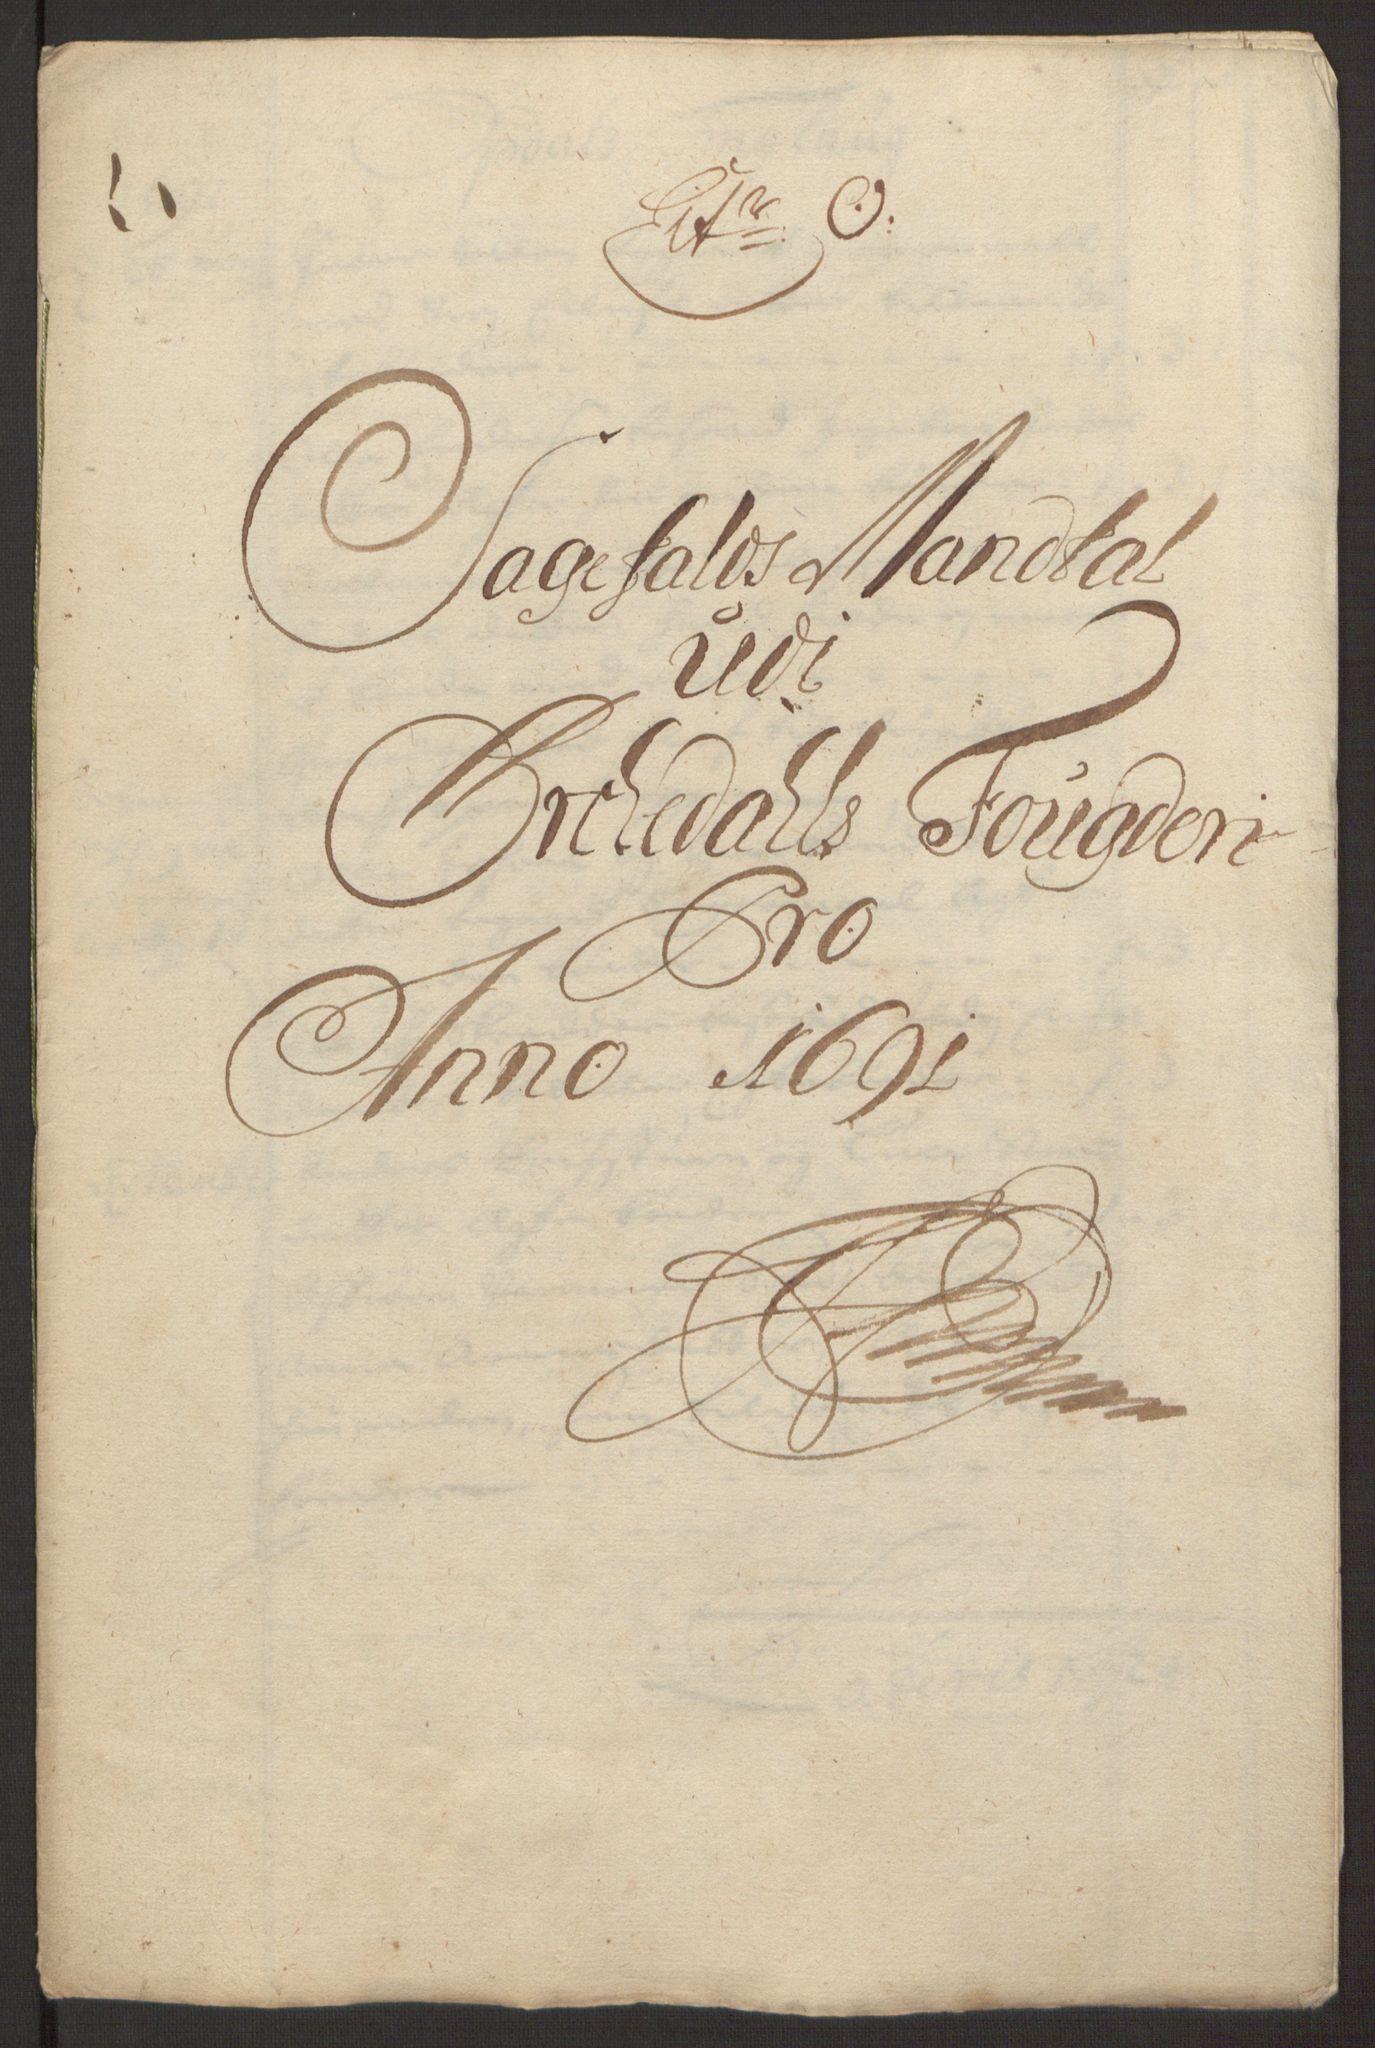 RA, Rentekammeret inntil 1814, Reviderte regnskaper, Fogderegnskap, R58/L3937: Fogderegnskap Orkdal, 1691-1692, s. 131